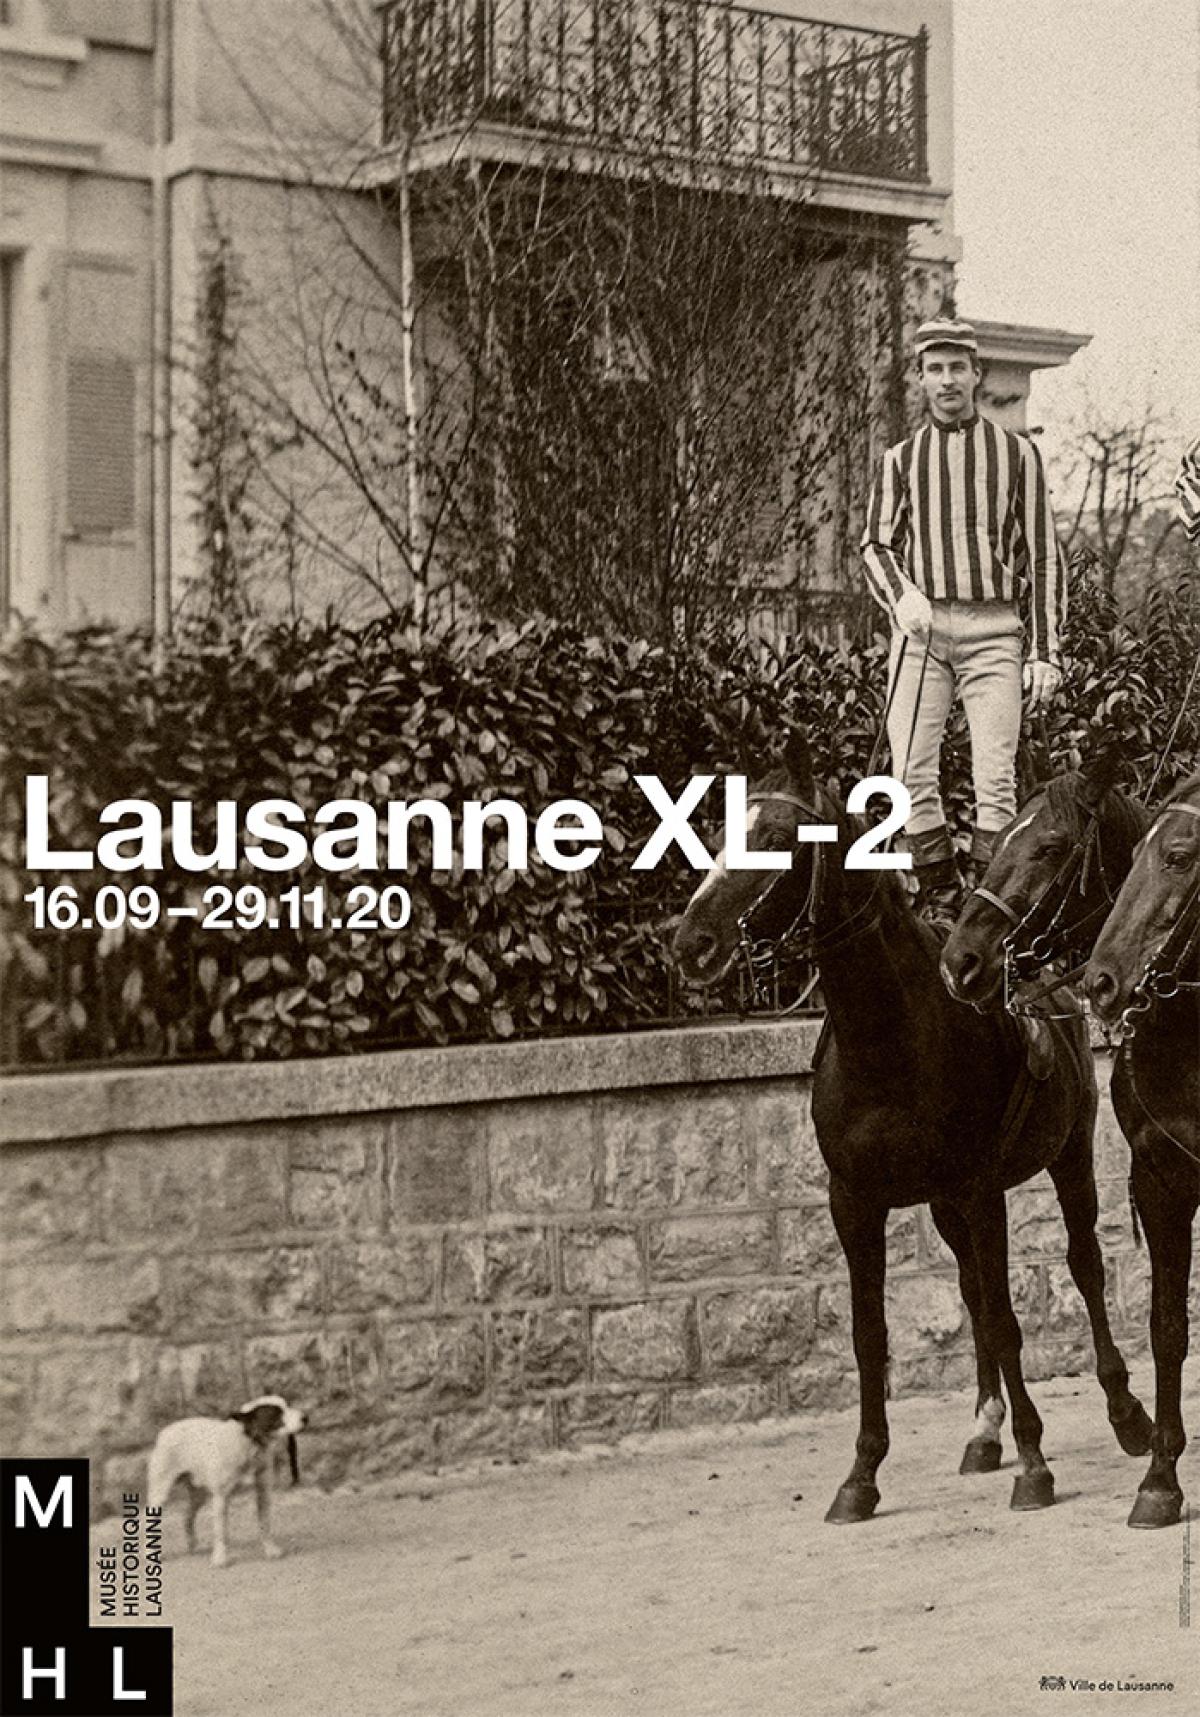 Cavaliers à l'avenue Eglantine, Lausanne, années 1890, Francis de Jongh, épreuve photographique sur papier albuminé (détail) Musée Historique Lausanne